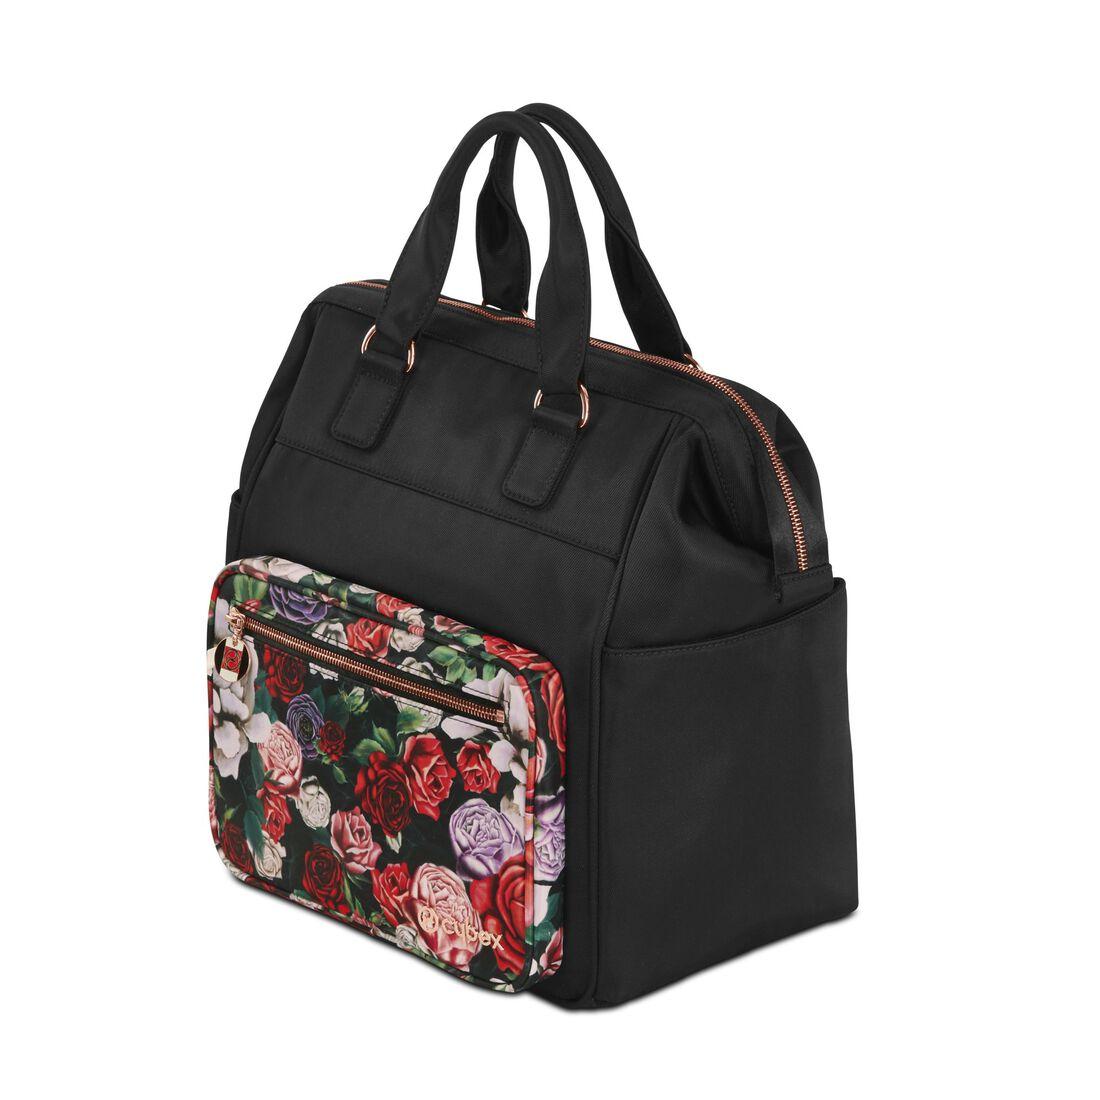 CYBEX Changing Bag Stroller  - Spring Blossom Dark in Spring Blossom Dark large image number 2